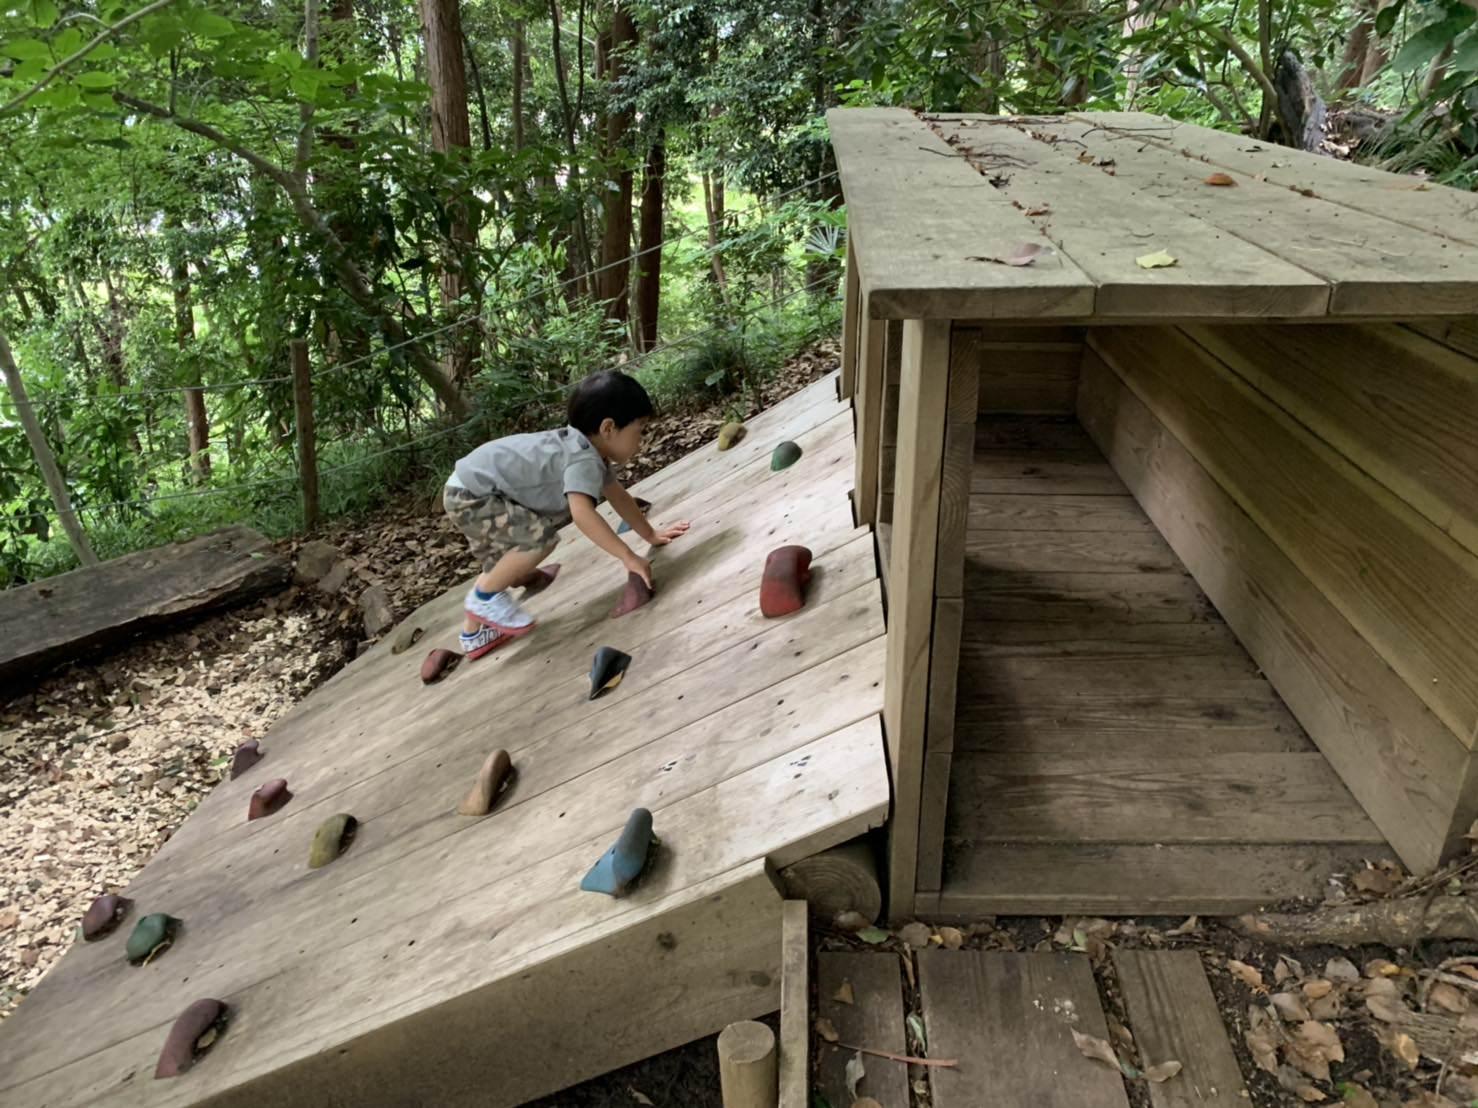 五歲以下的小孩也可以玩得很開心